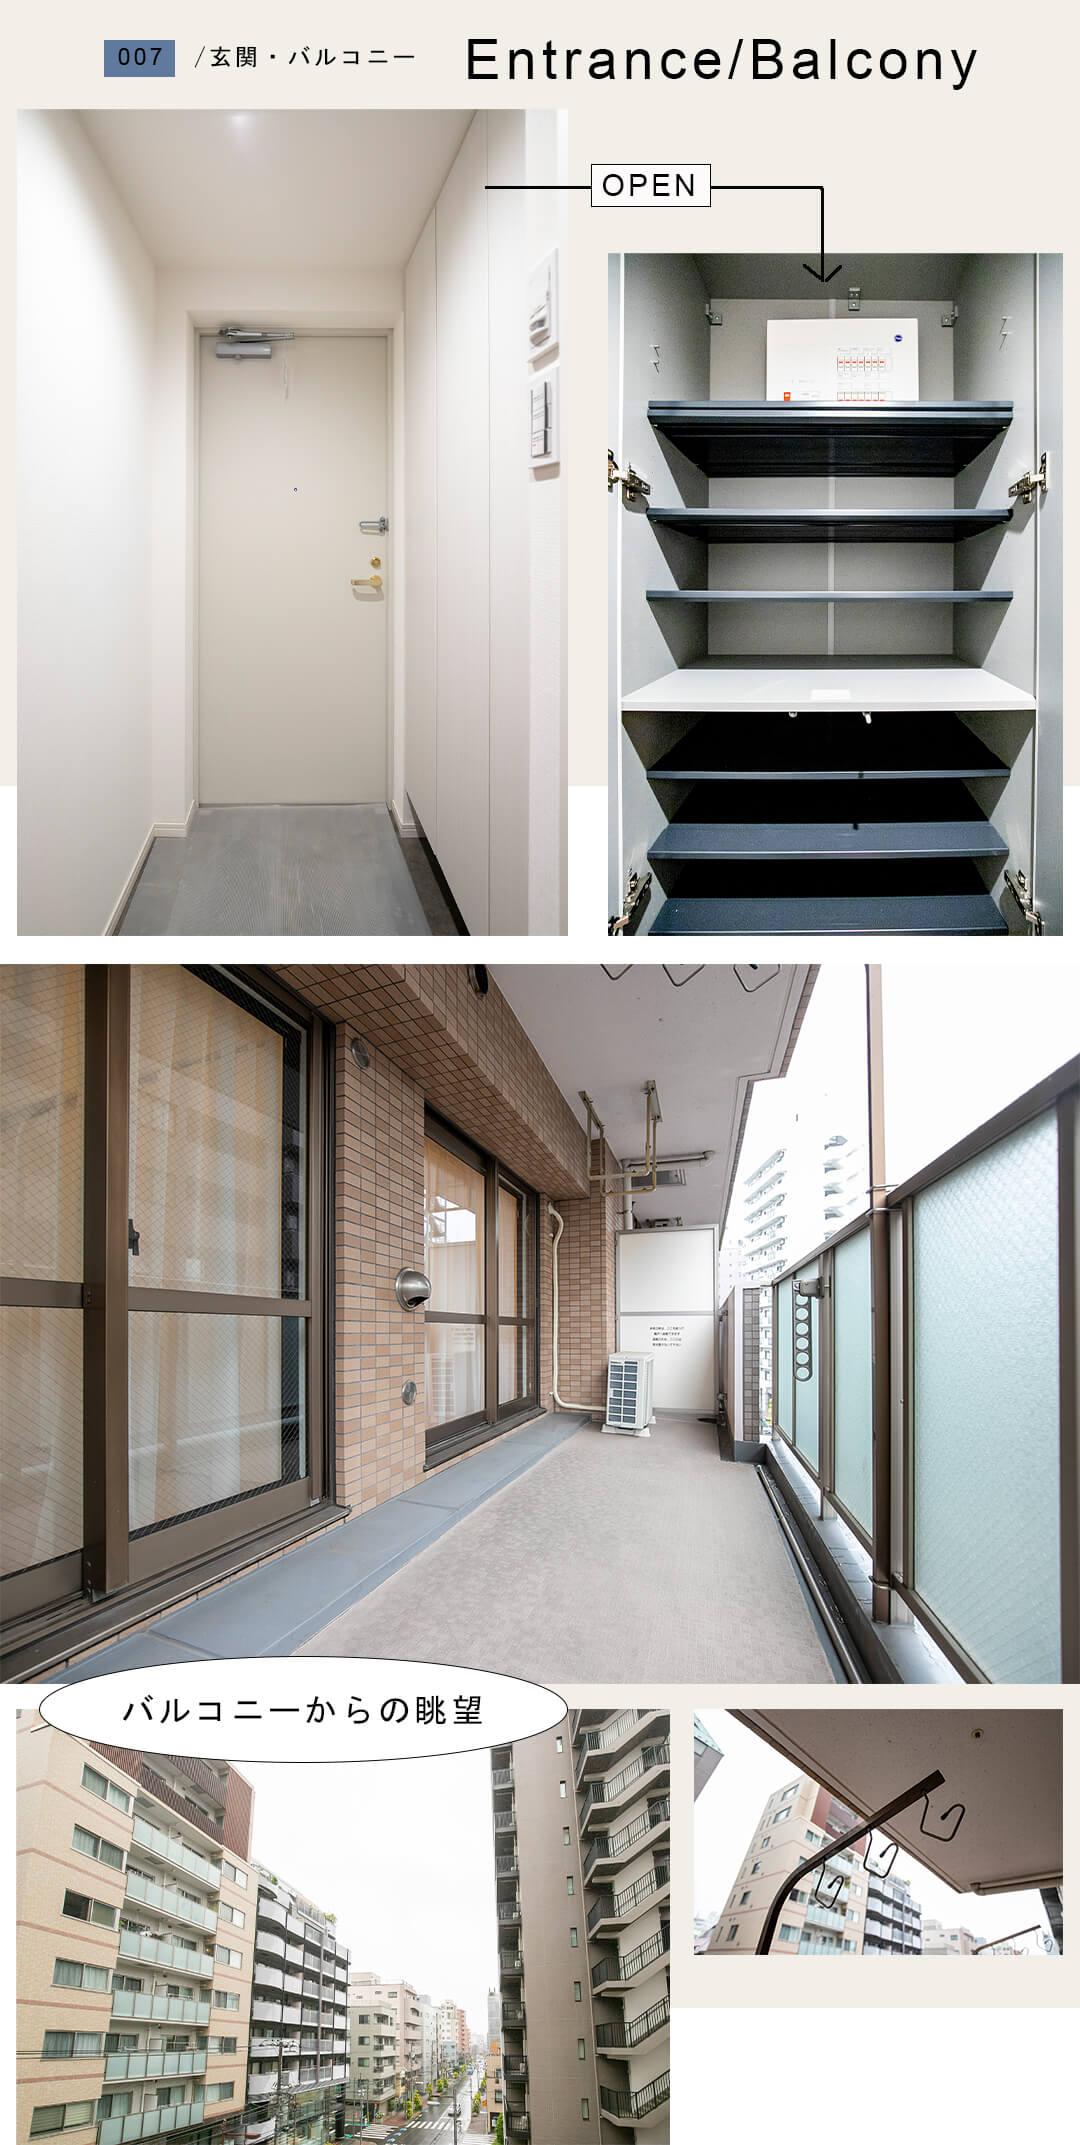 007玄関,バルコニー,Entrance,Balcony